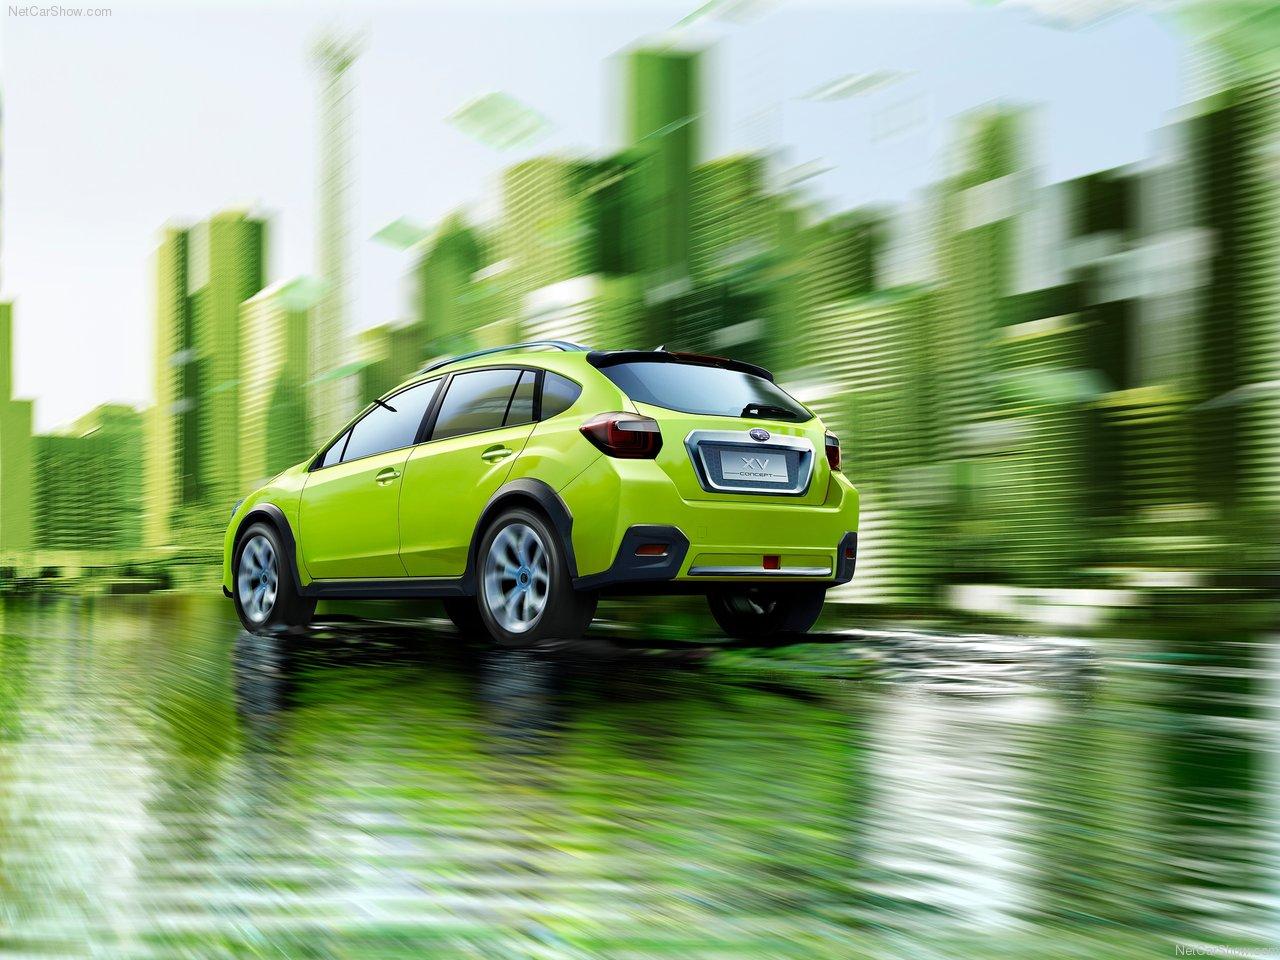 http://1.bp.blogspot.com/-r2gvroPJ9ks/Ta_46u957gI/AAAAAAAAPMI/1qsOLPI-iwc/s1600/Subaru-XV_Concept_2011_1280x960_wallpaper_05.jpg